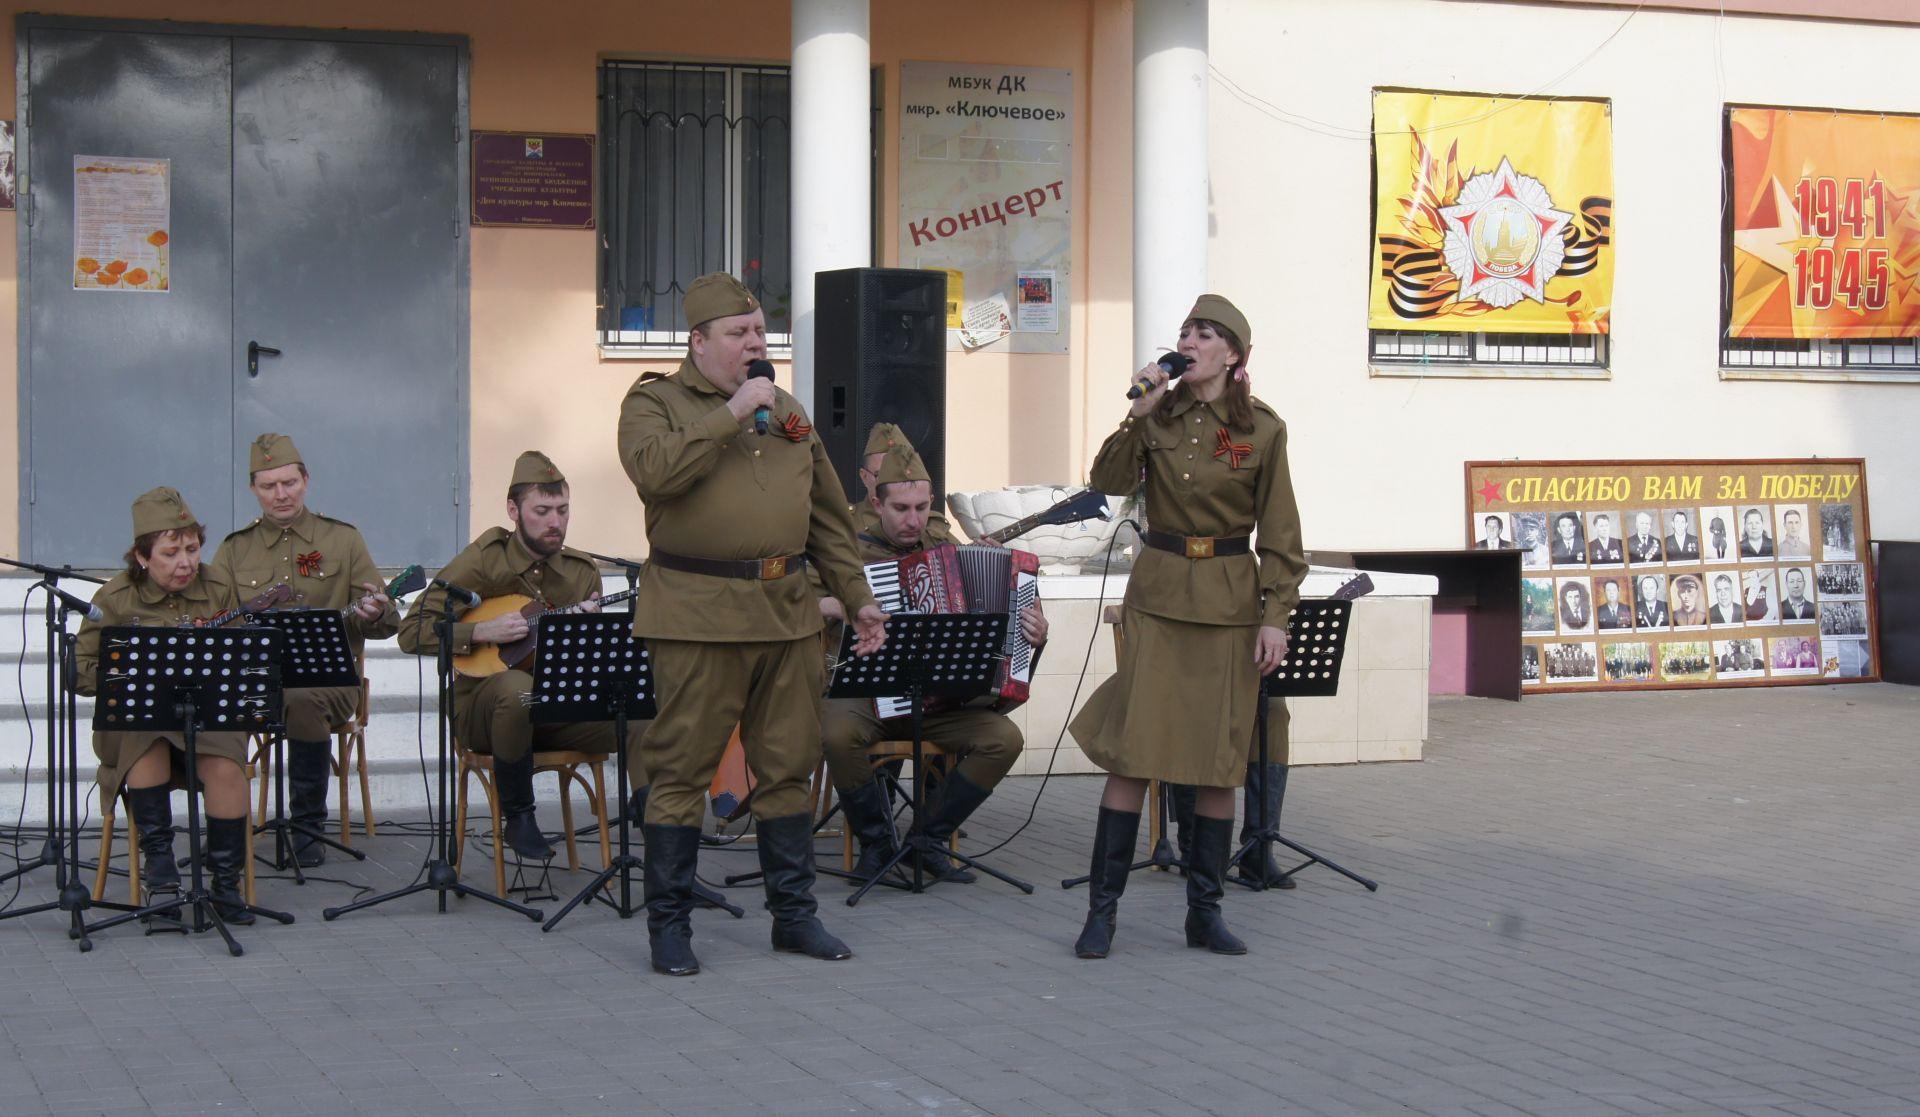 76-ю годовщину освобождения донской земли от фашистских захватчиков отметят все муниципалитеты области